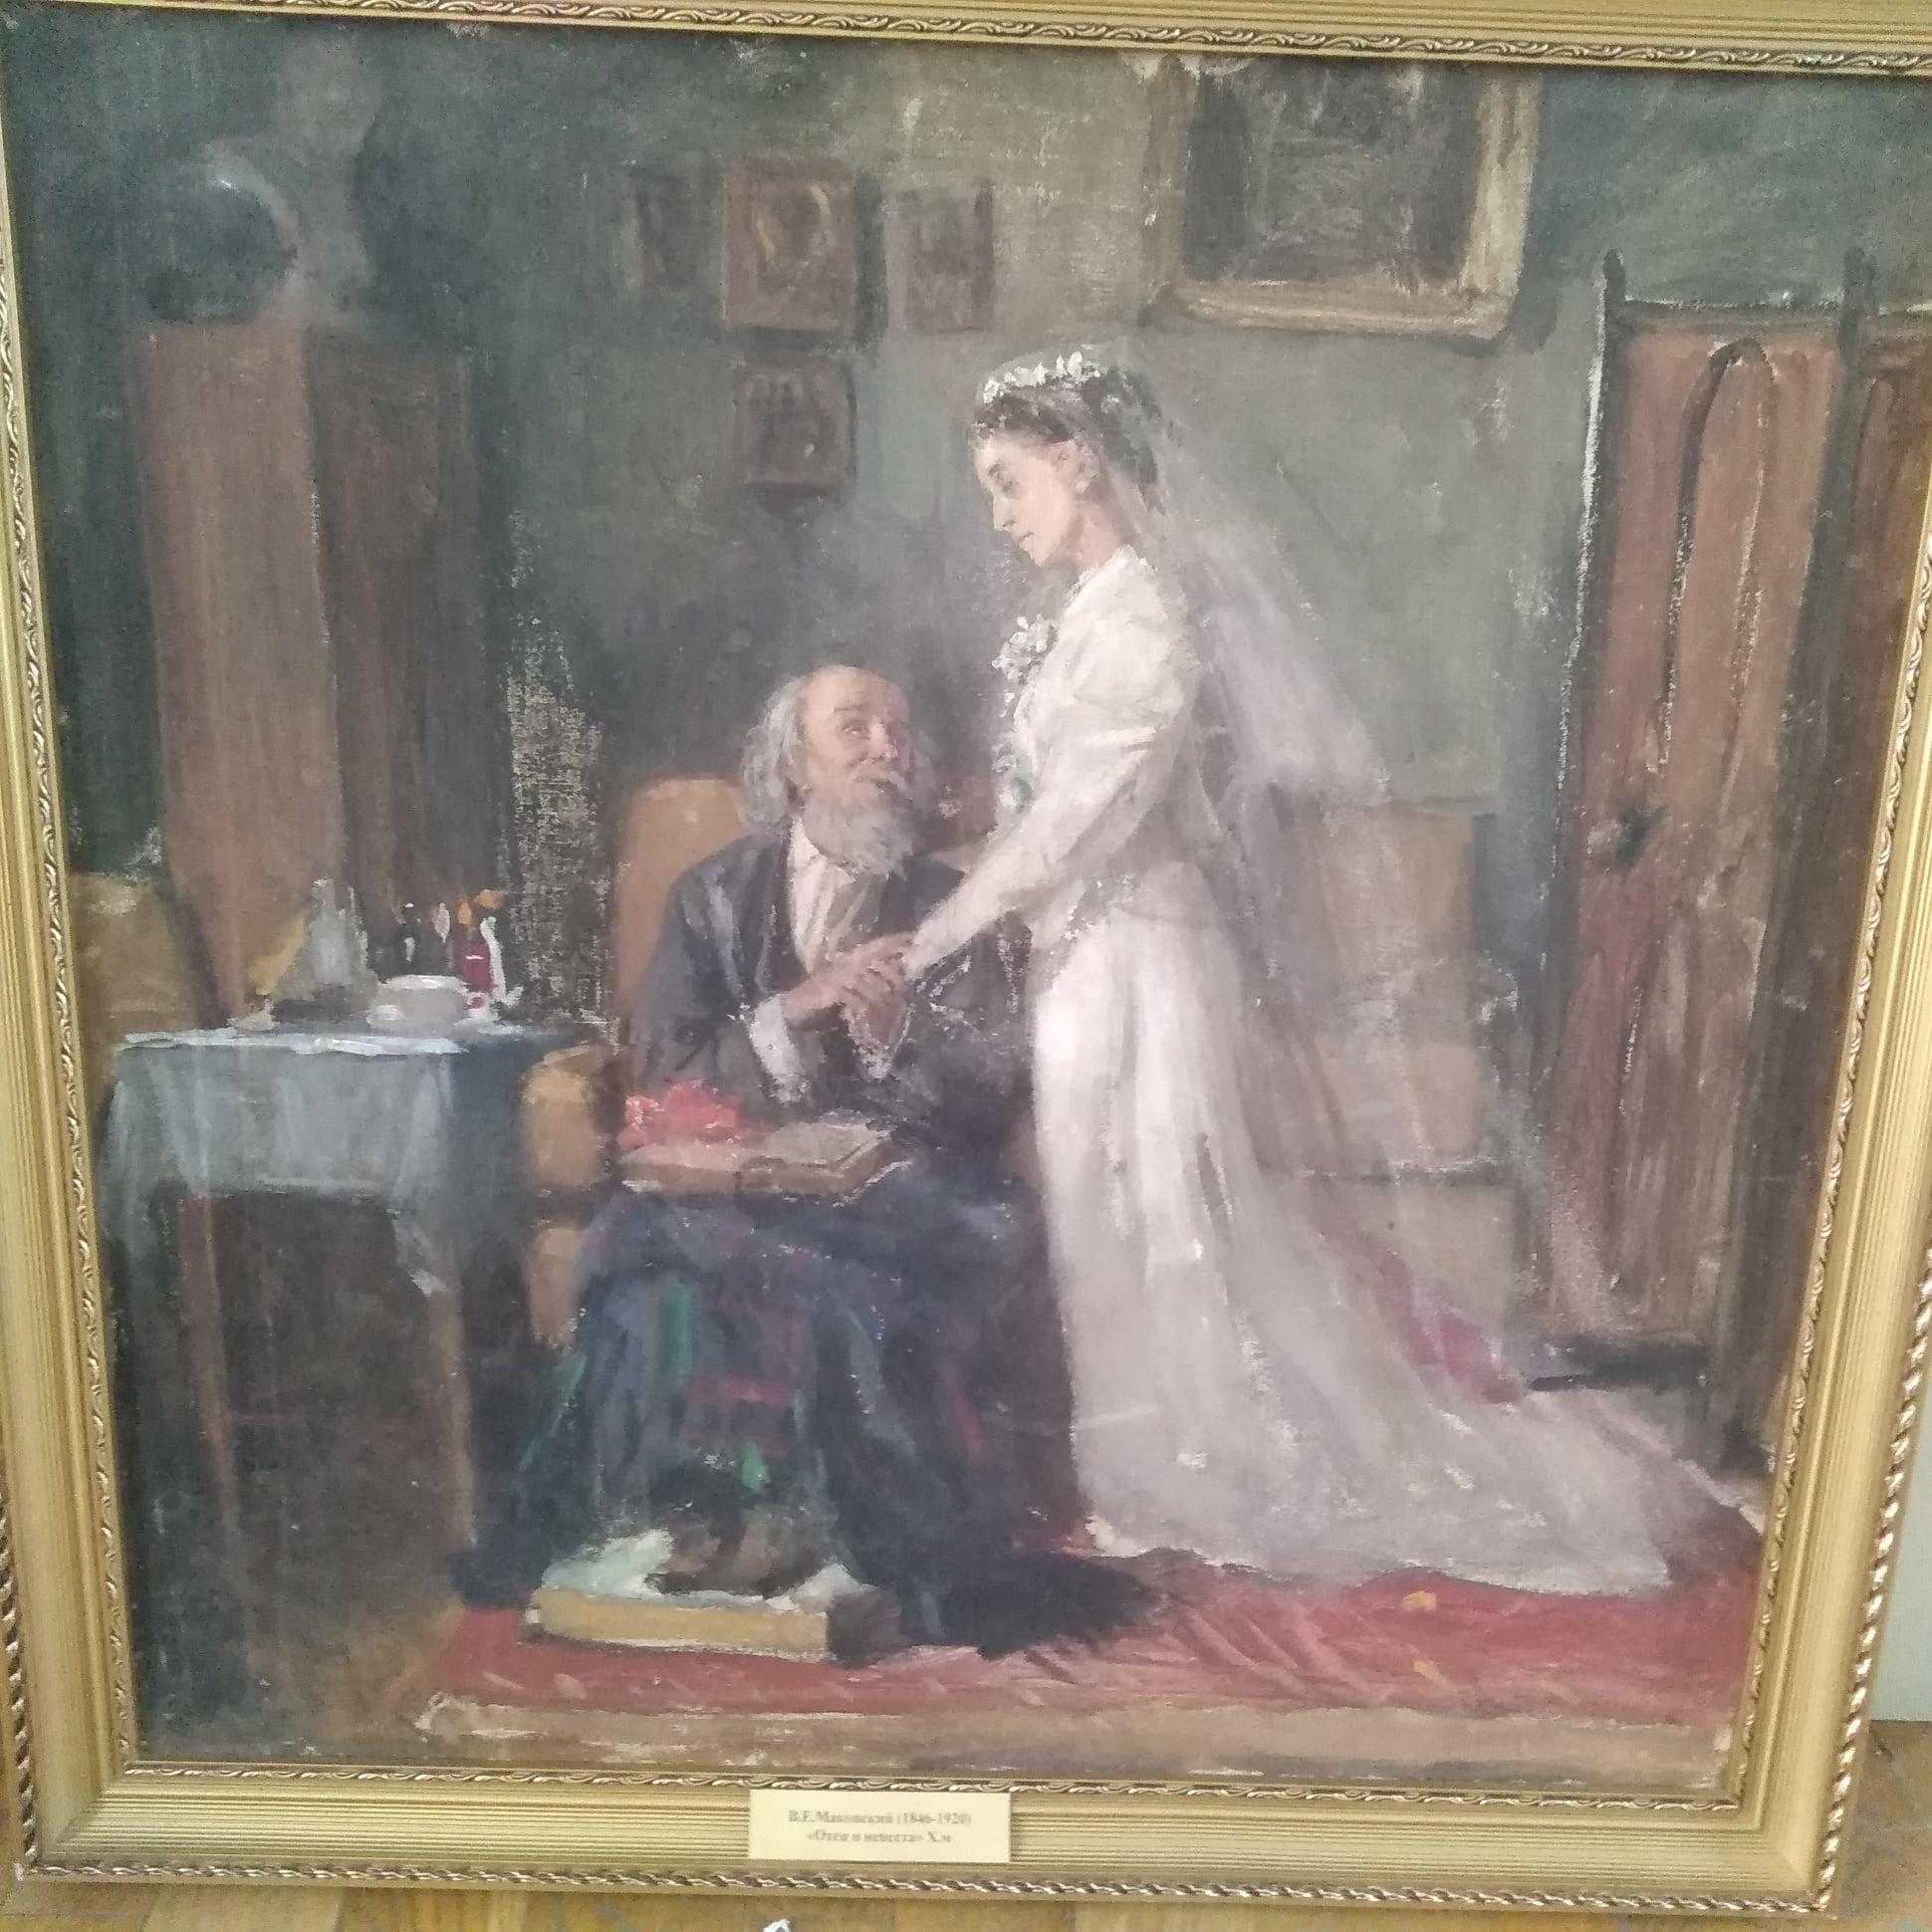 АНОНС!! В День семьи, любви и верности в отделе музея «Атаманский дворец» открывается выставка, посвященная традициям свадебного обряда на Дону  на протяжении последних 150 лет.